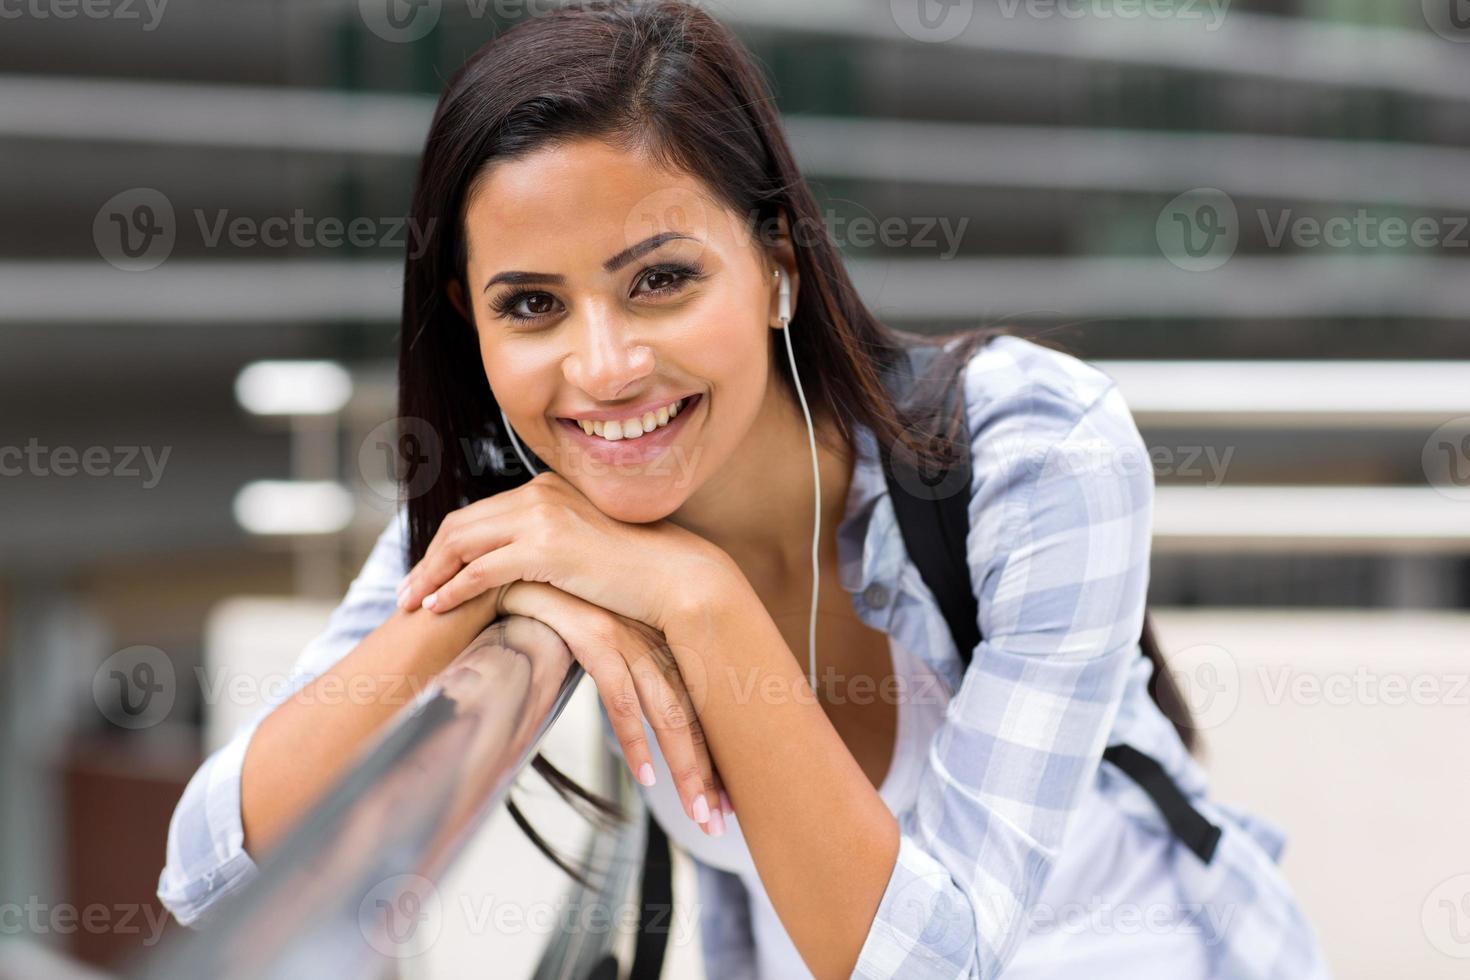 studentessa universitaria nel campus foto